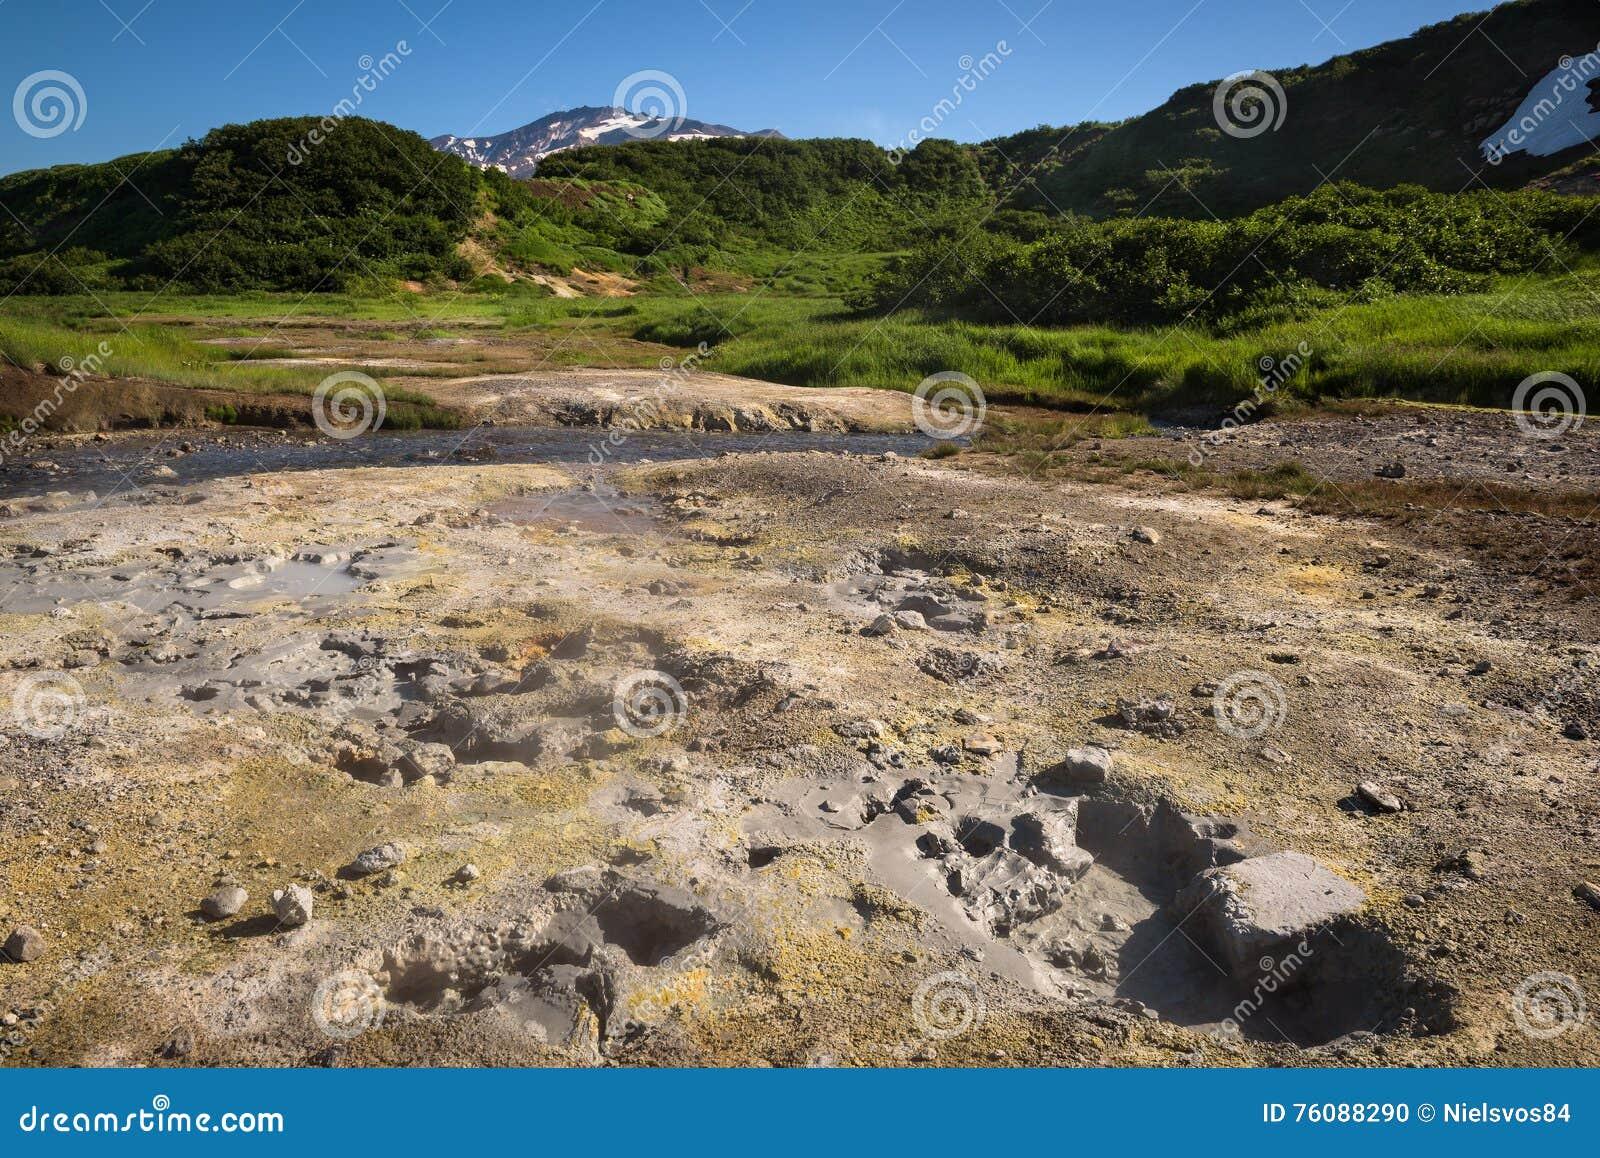 Pots et hotsprings de ébullition de boue sur les pentes du volcan de Mutnovsky près de la centrale géothermique